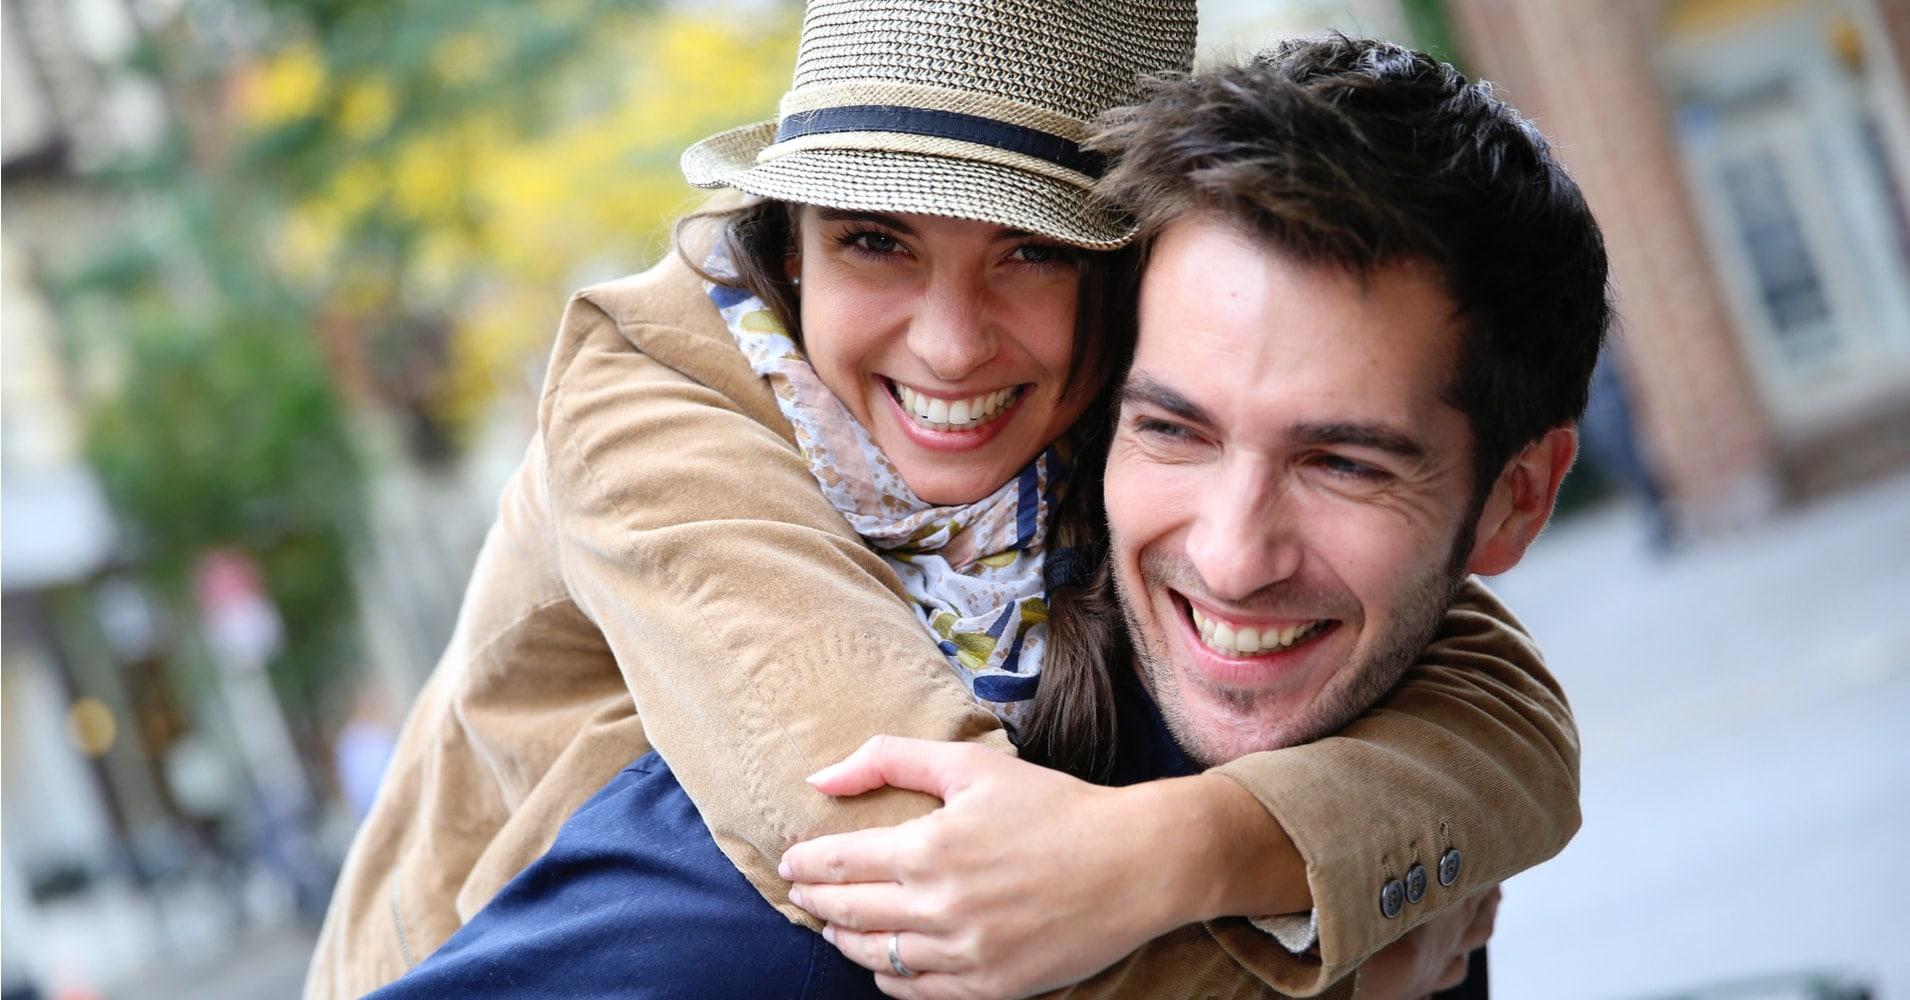 آیا با همسرمان دوست باشیم؟ چگونه همسر خوبی باشیم؟